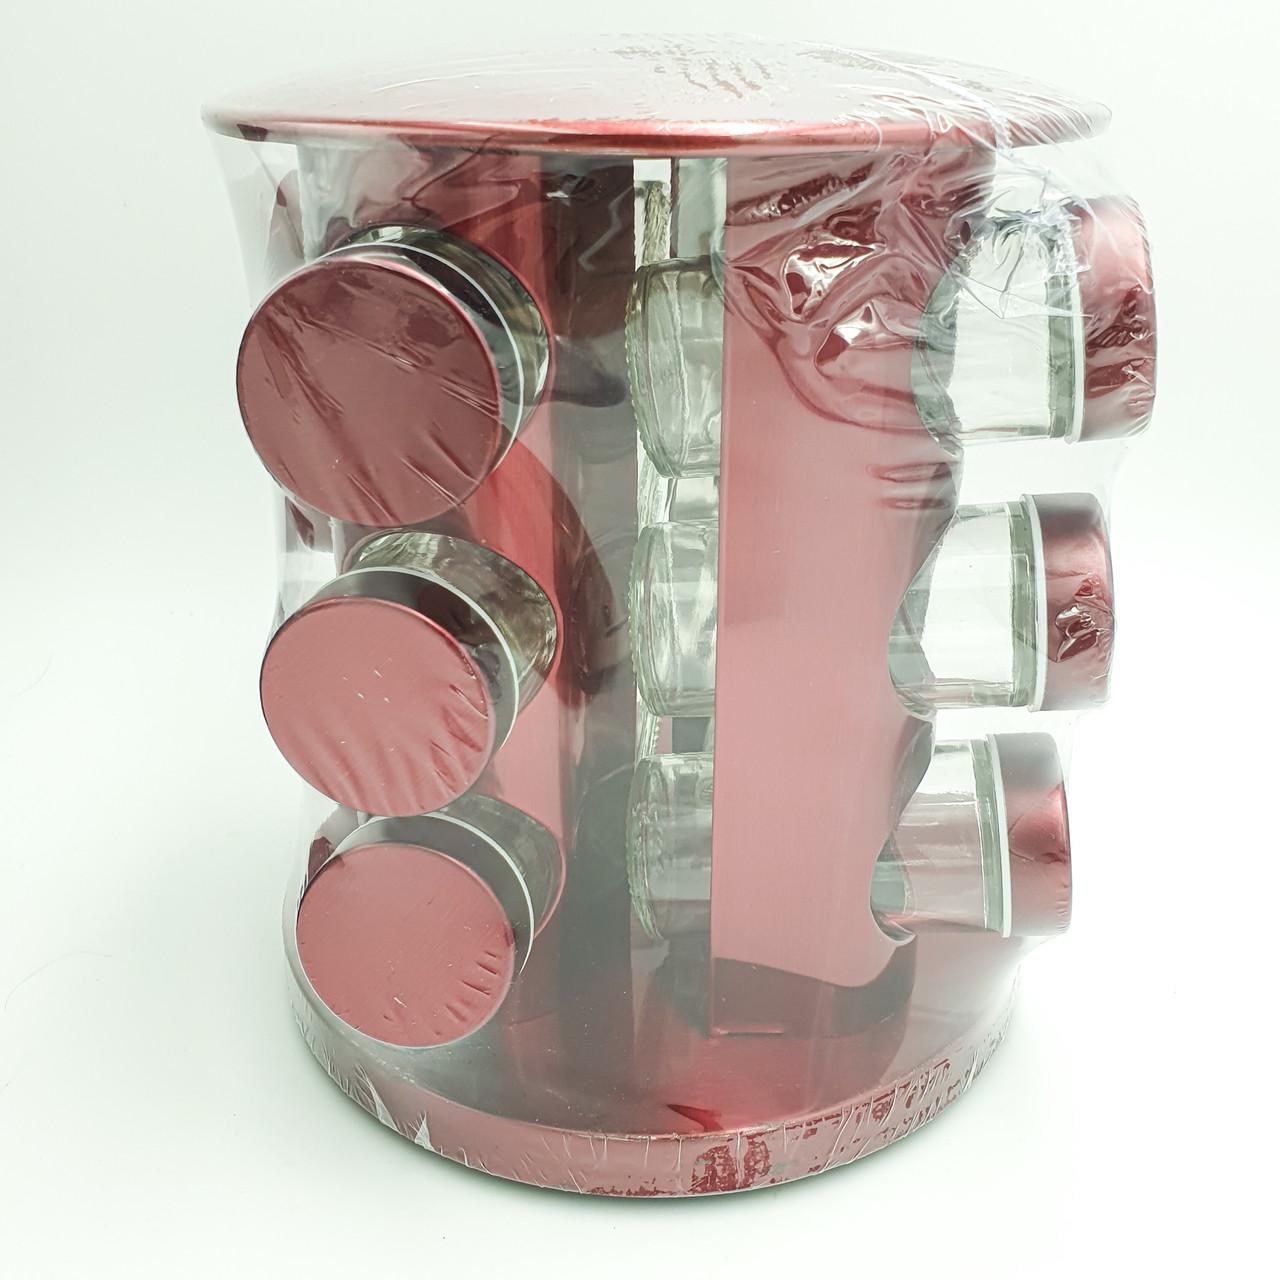 Набор емкостей баночек для специй на вращающейся подставке карусель 12 шт Spice Carousel розовый